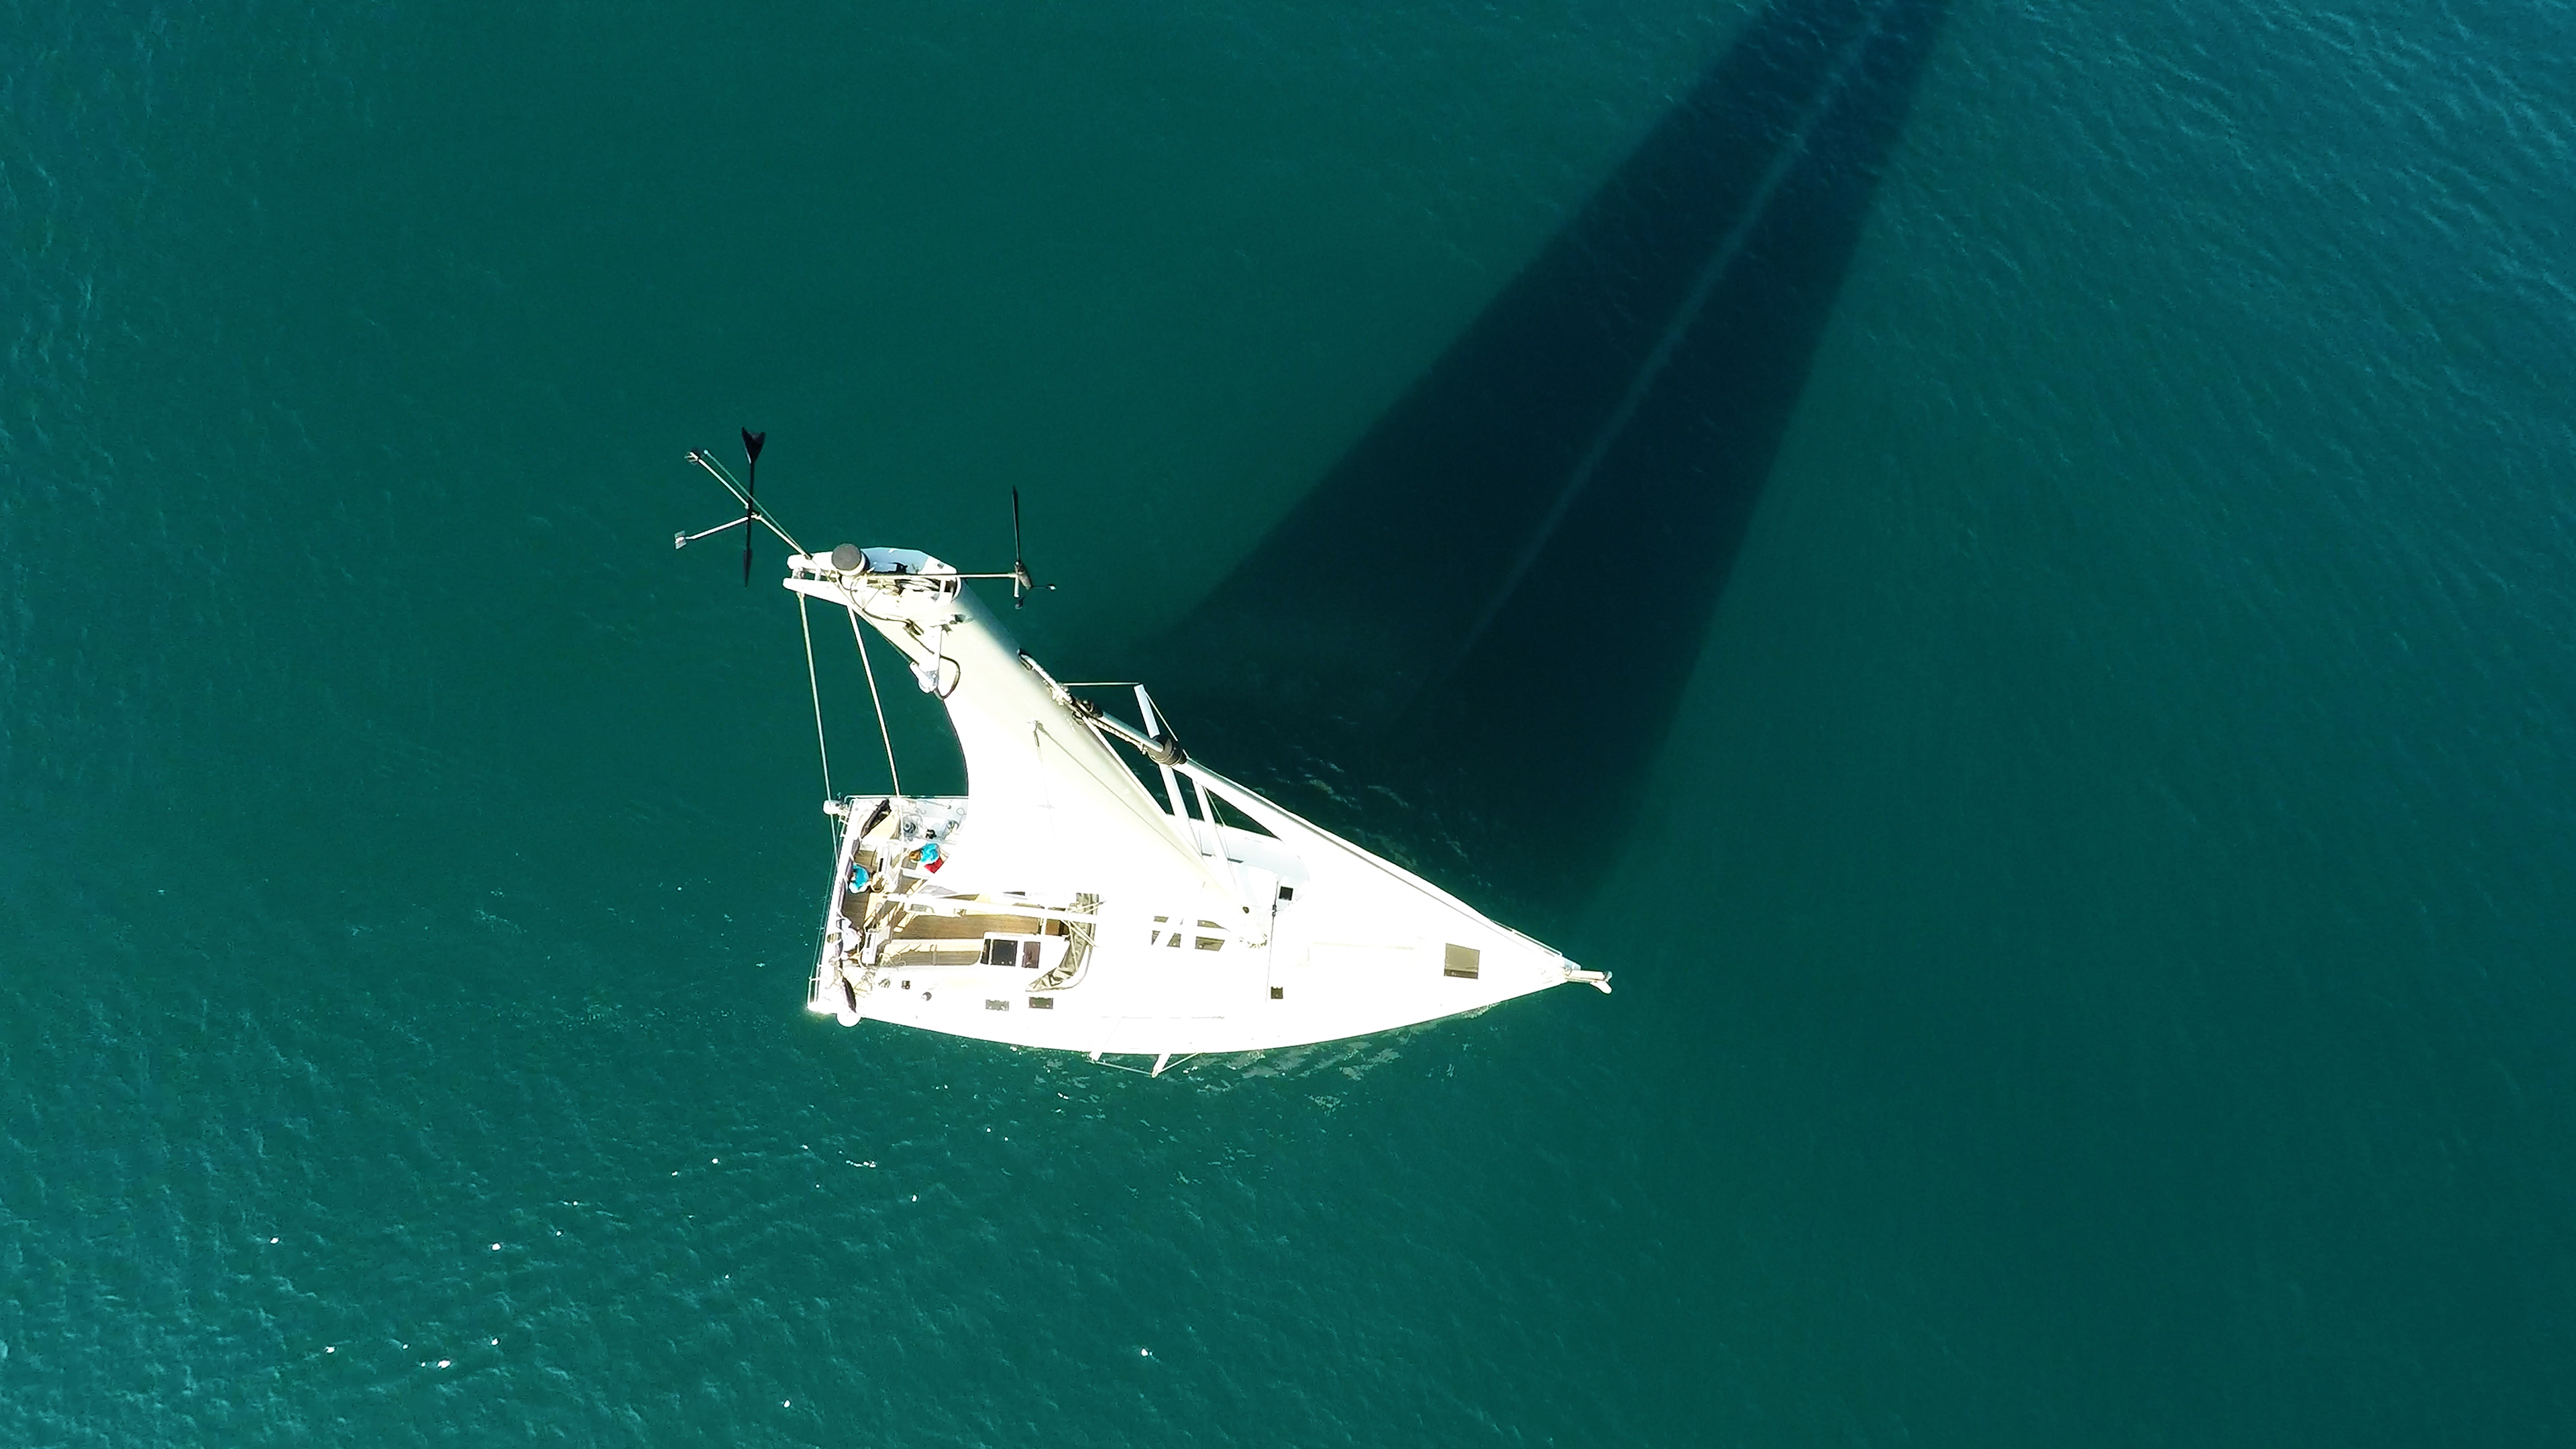 vrh jarbola okomiti perspektiva nadir jedrilica Hanse 505 paluba kokpit more jedrilica čamac